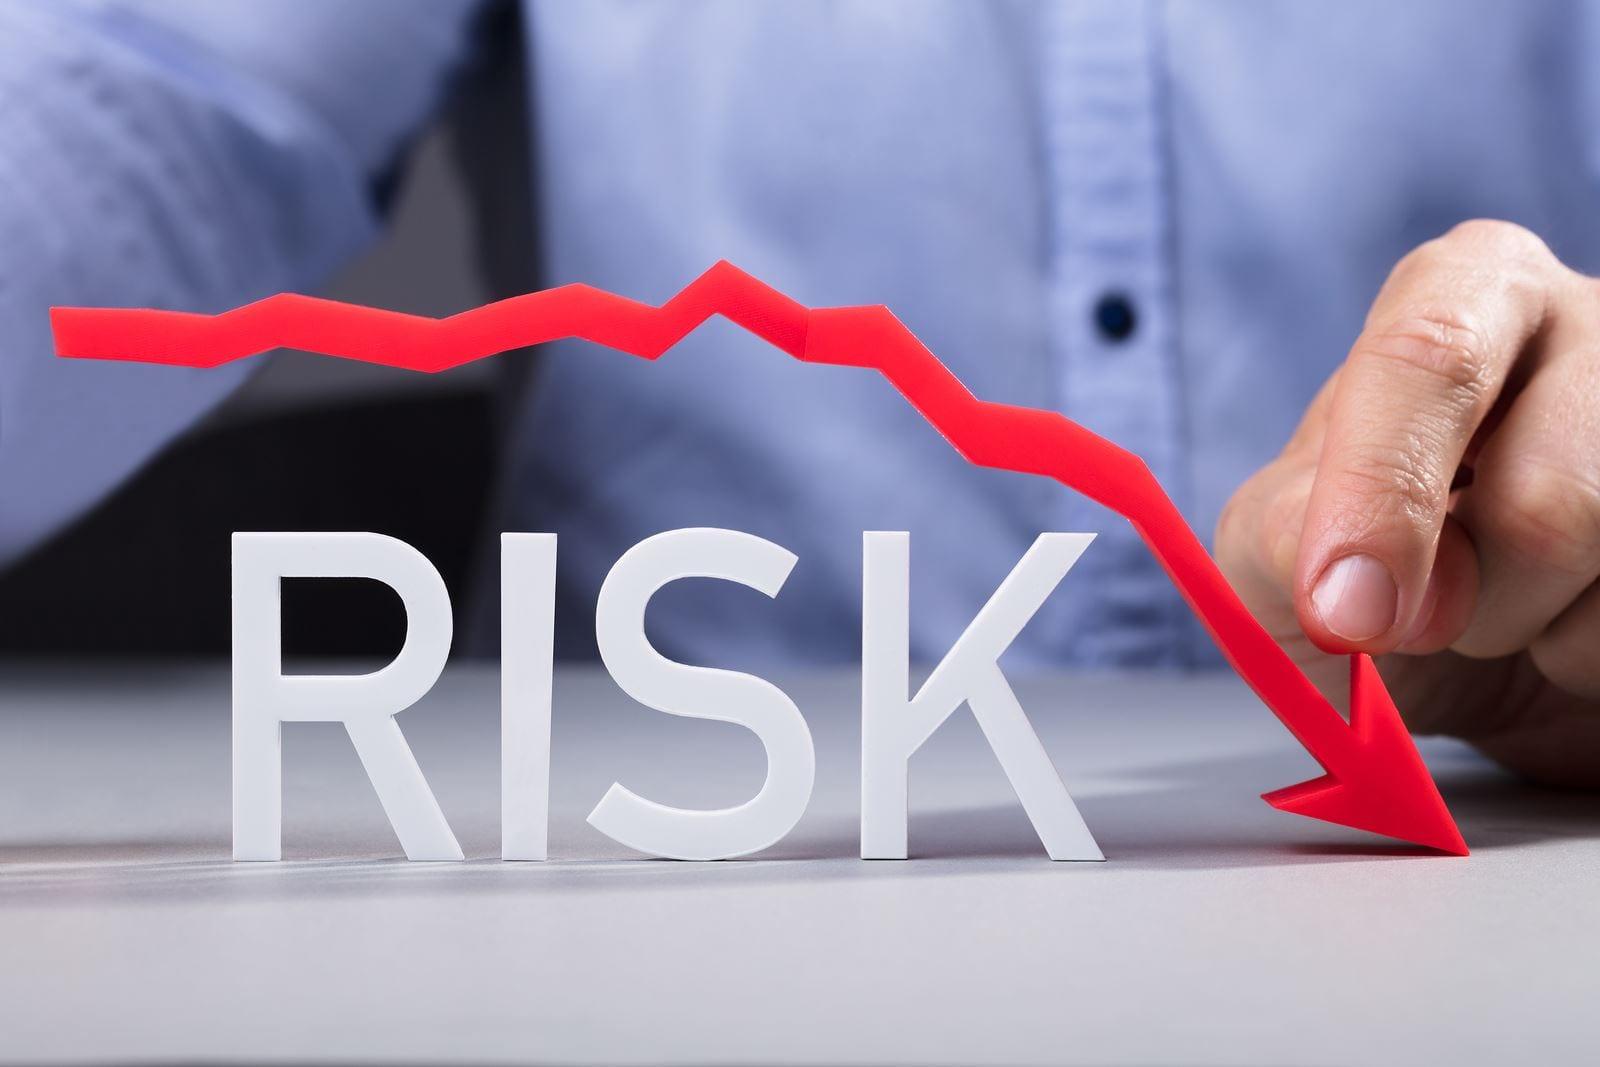 Phân tích thị trường kinh doanh giúp giảm rủi ro